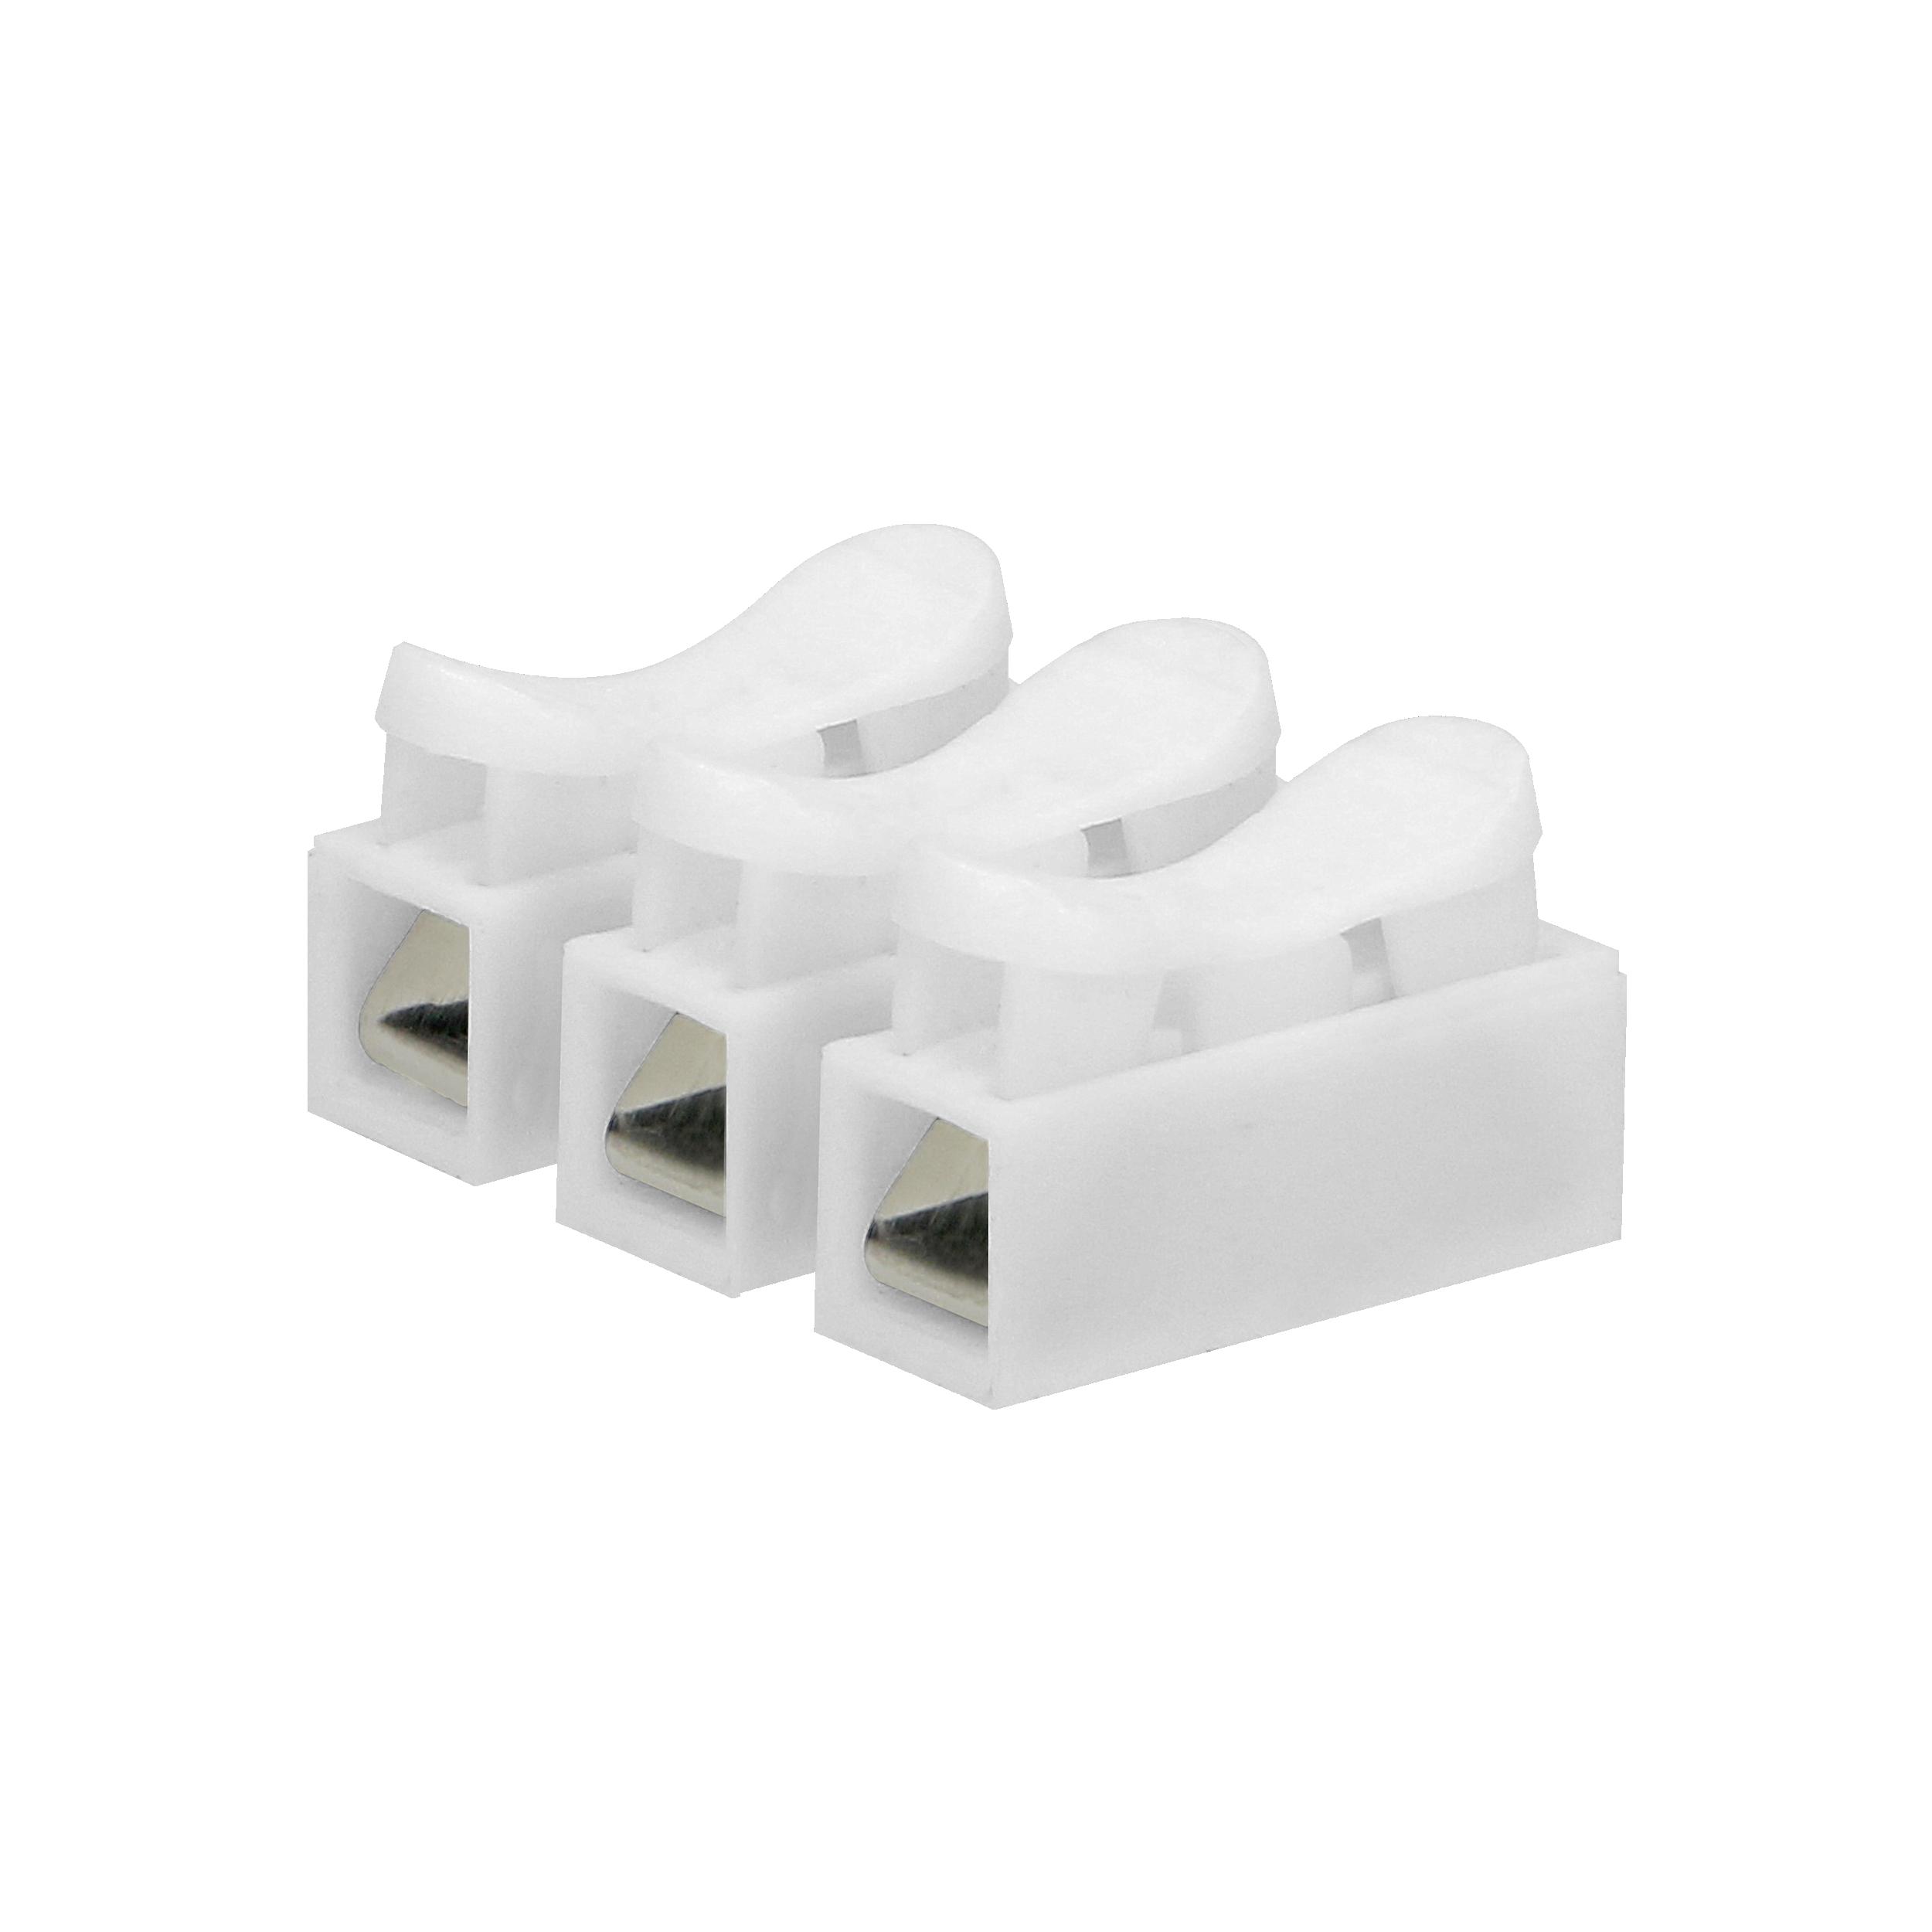 Złączka trzytorowa sprężynowa, 3x2,5mm², 10 sztuk